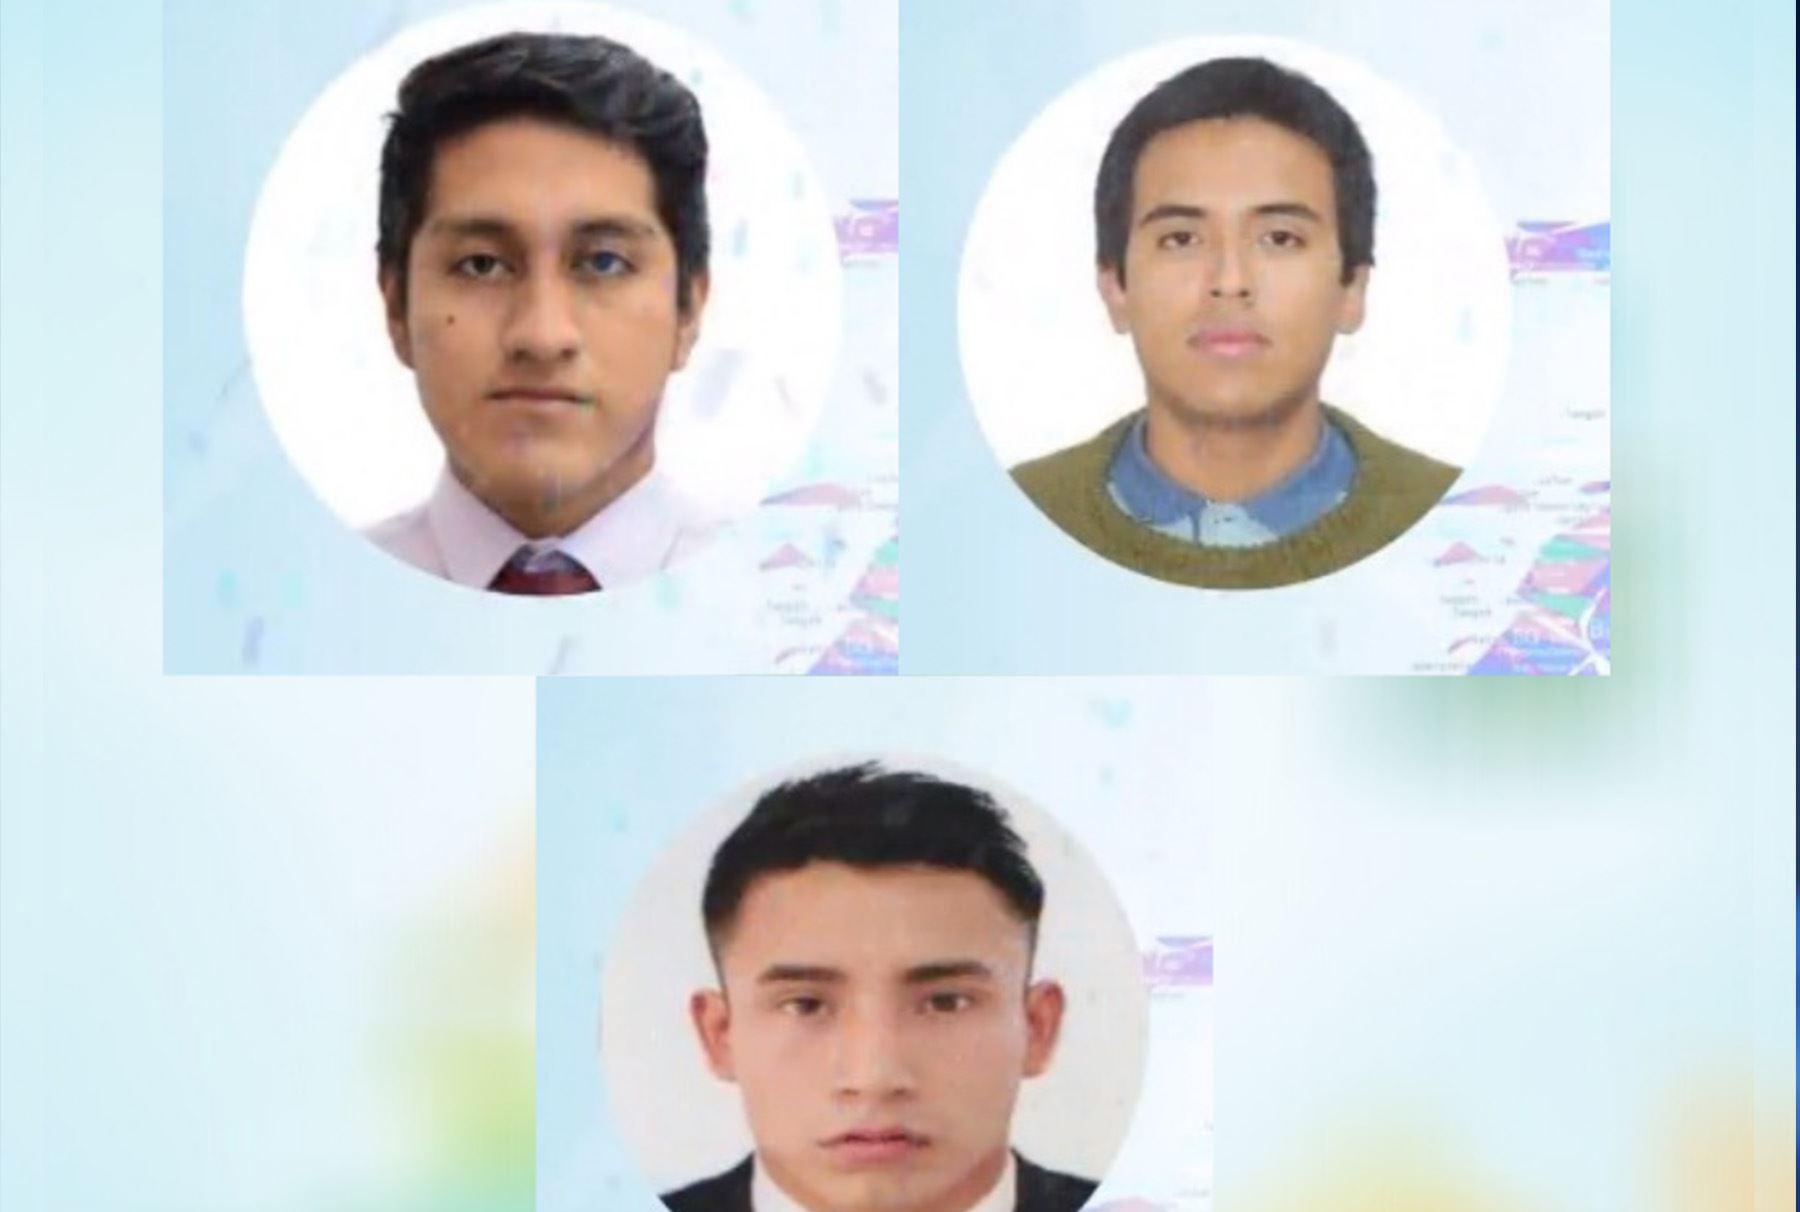 Seis estudiantes sanmarquinos disputarán la final mundial de la competencia anual, impulsada en distintas universidades del mundo.